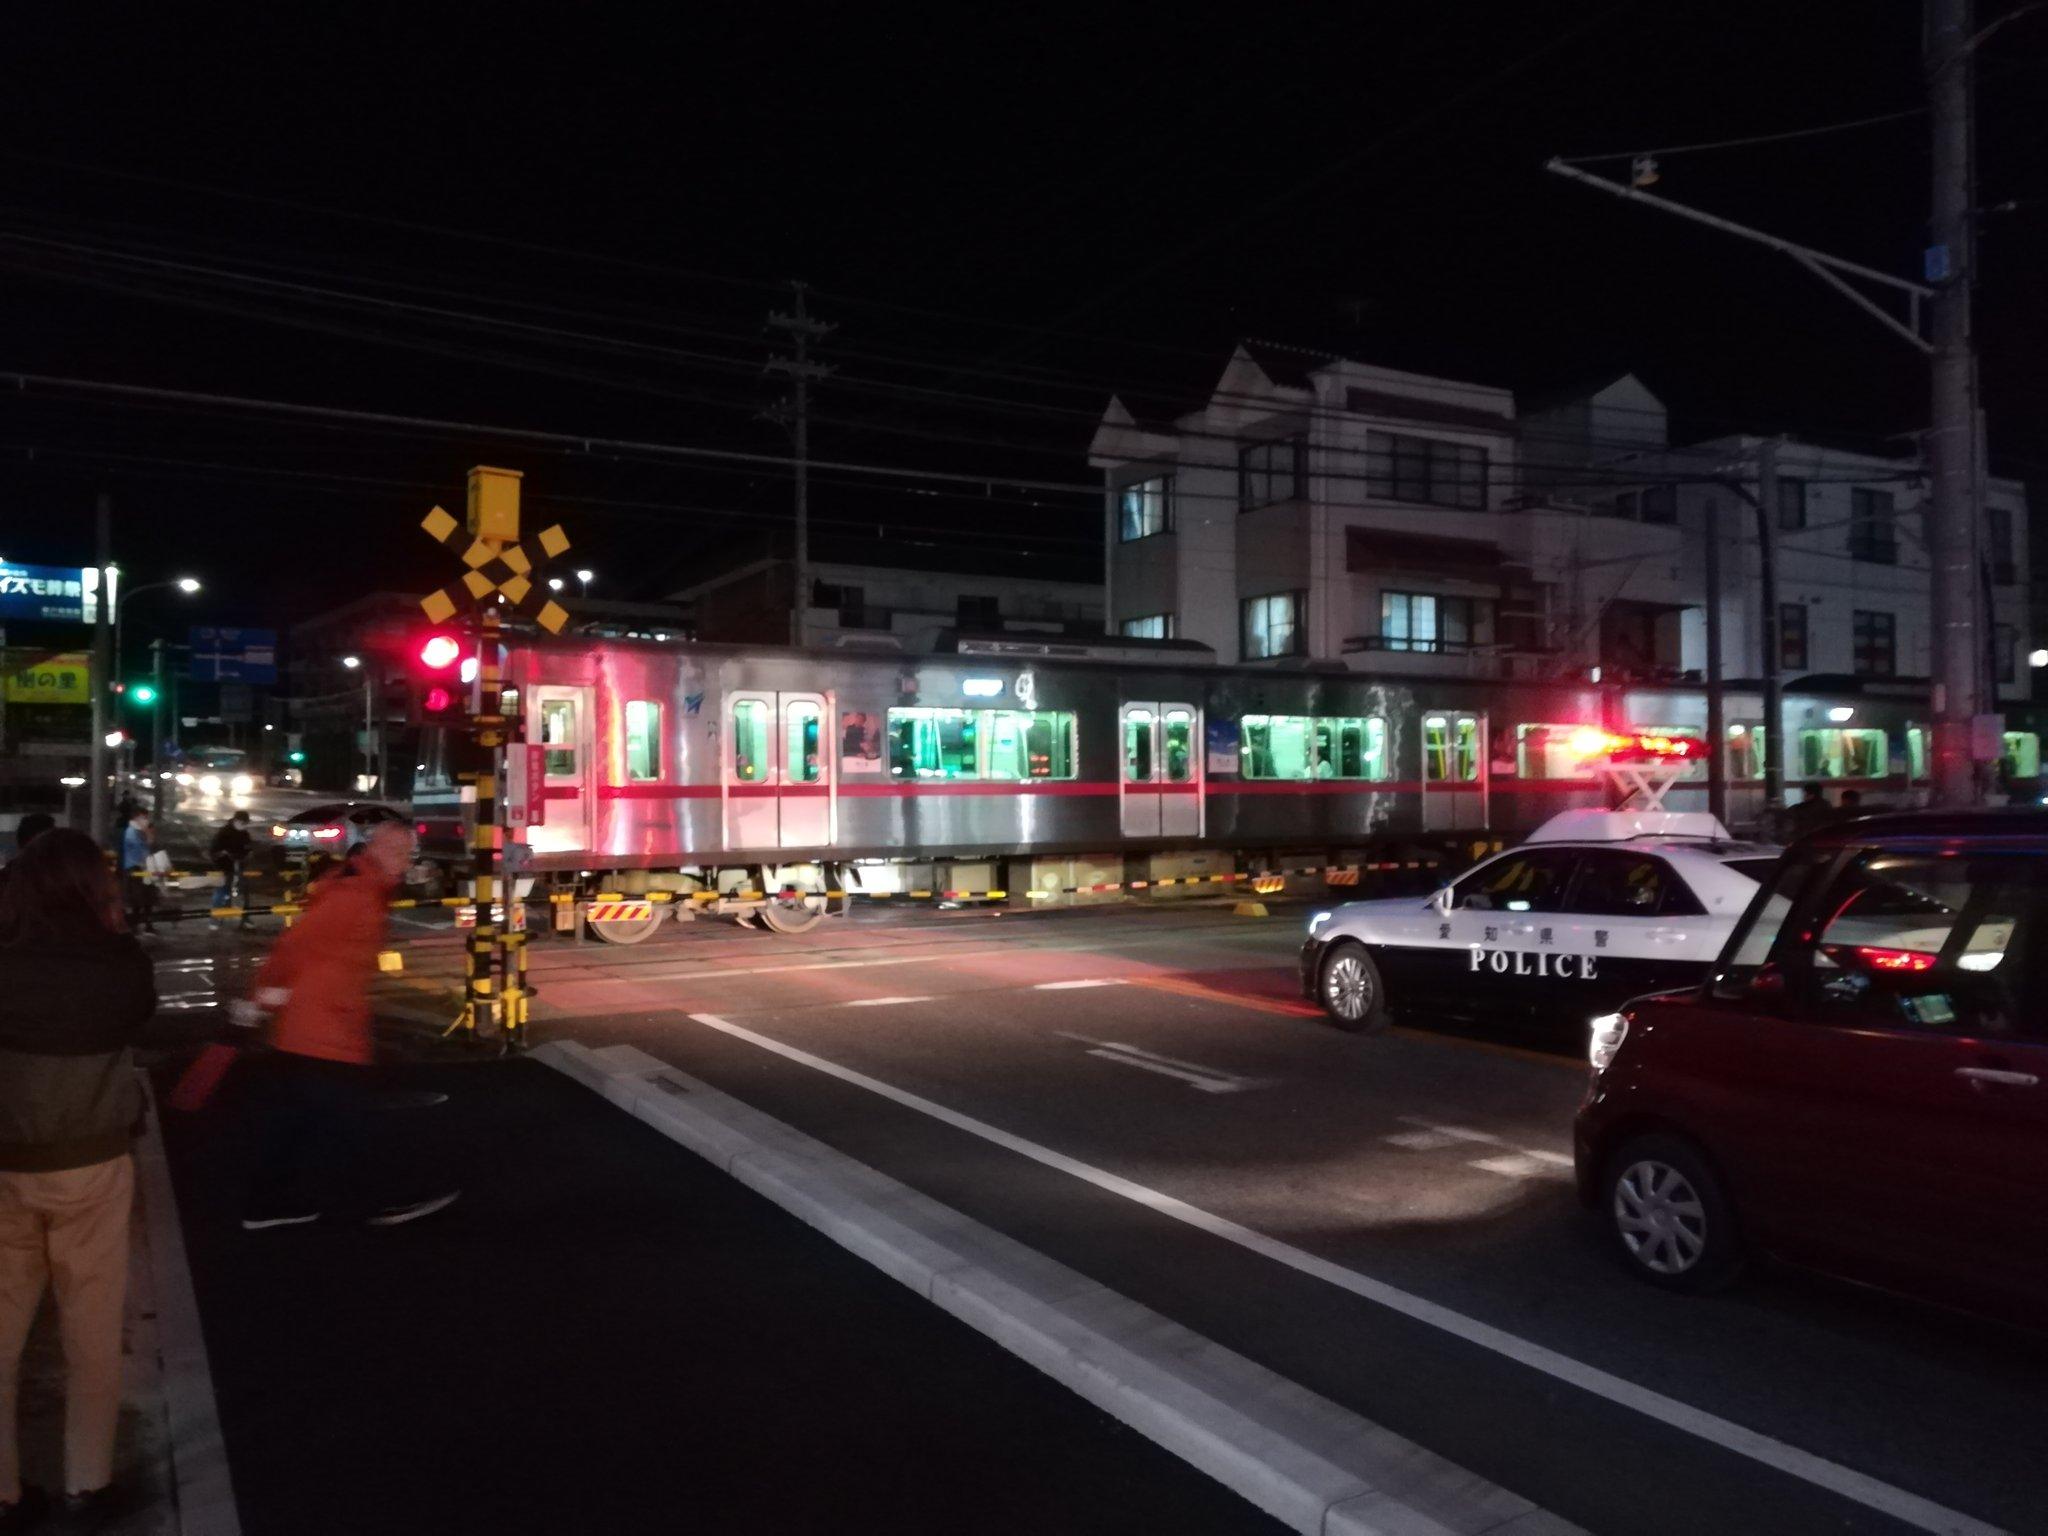 名鉄瀬戸線の車と電車の踏切事故で緊急車両が集結している現場画像